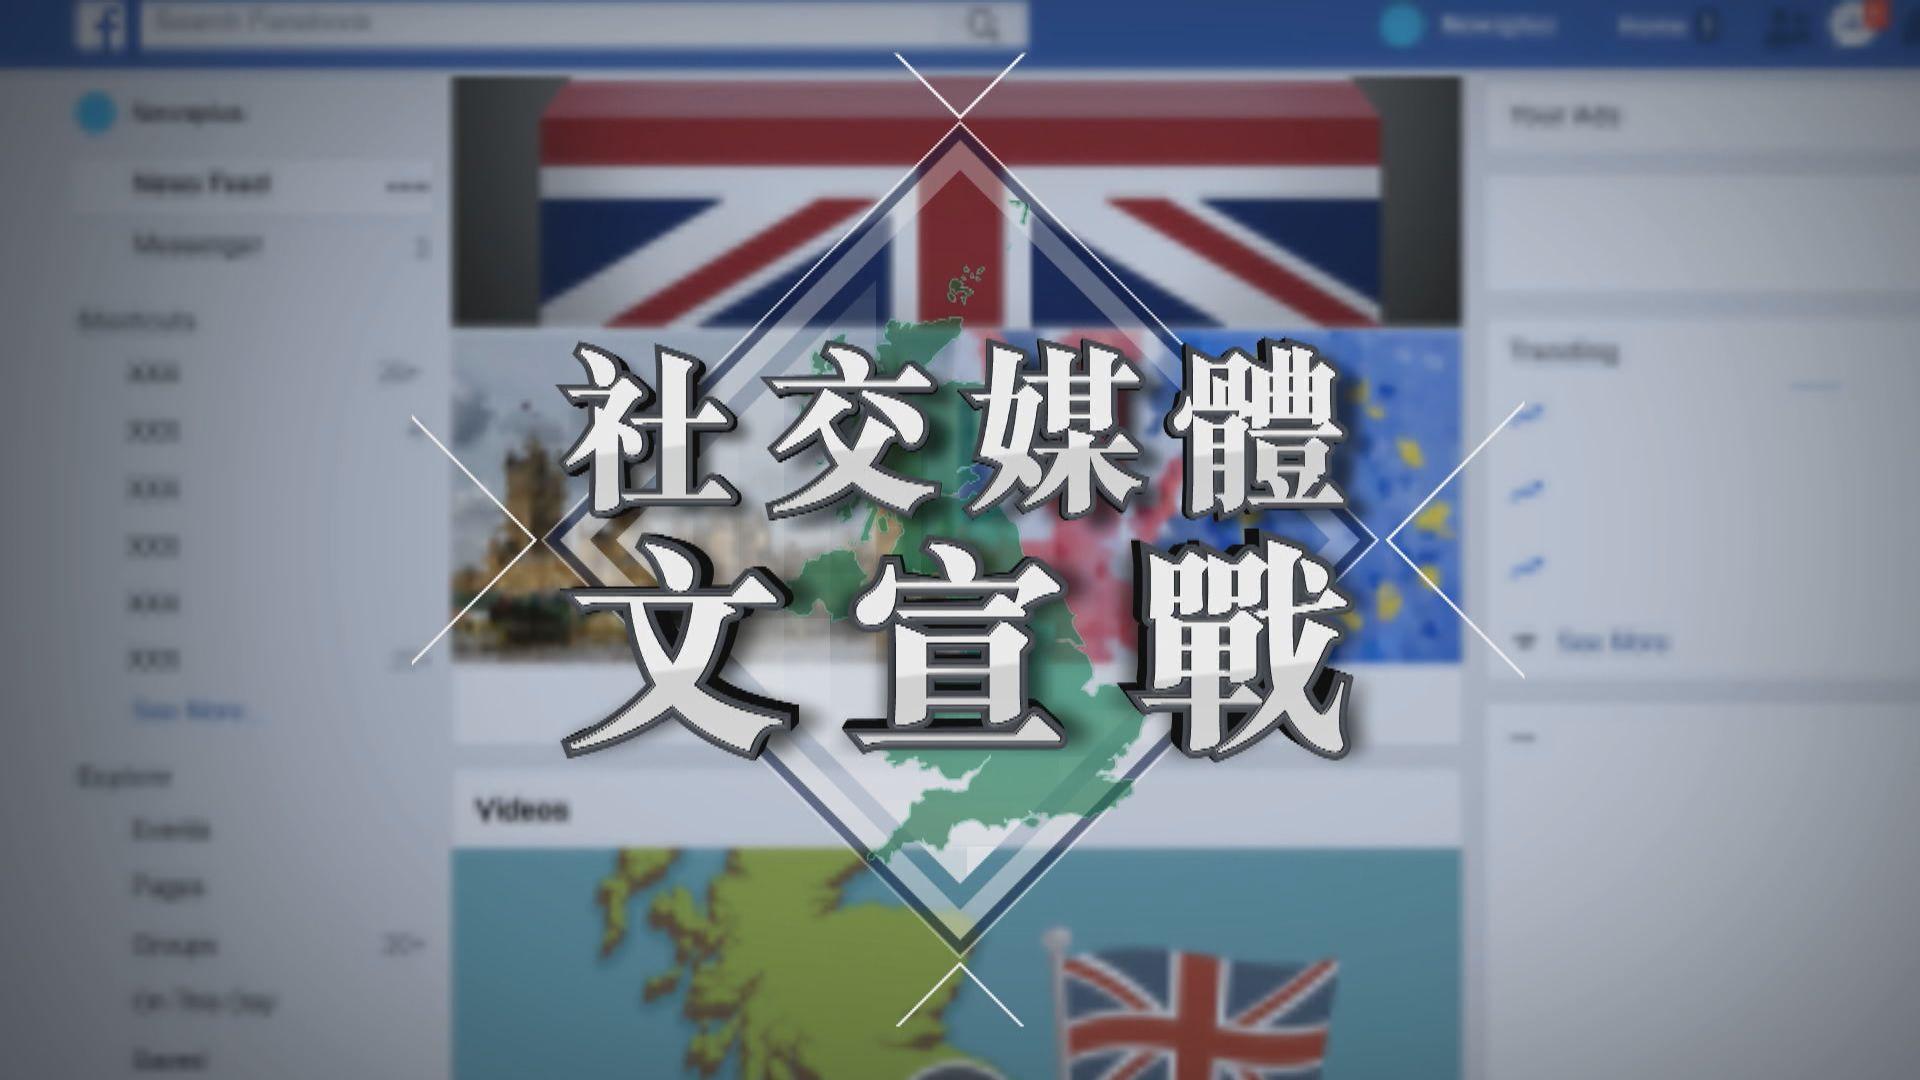 【新聞智庫】脫歐爭議下 英國素人如何打社交媒體文宣戰?